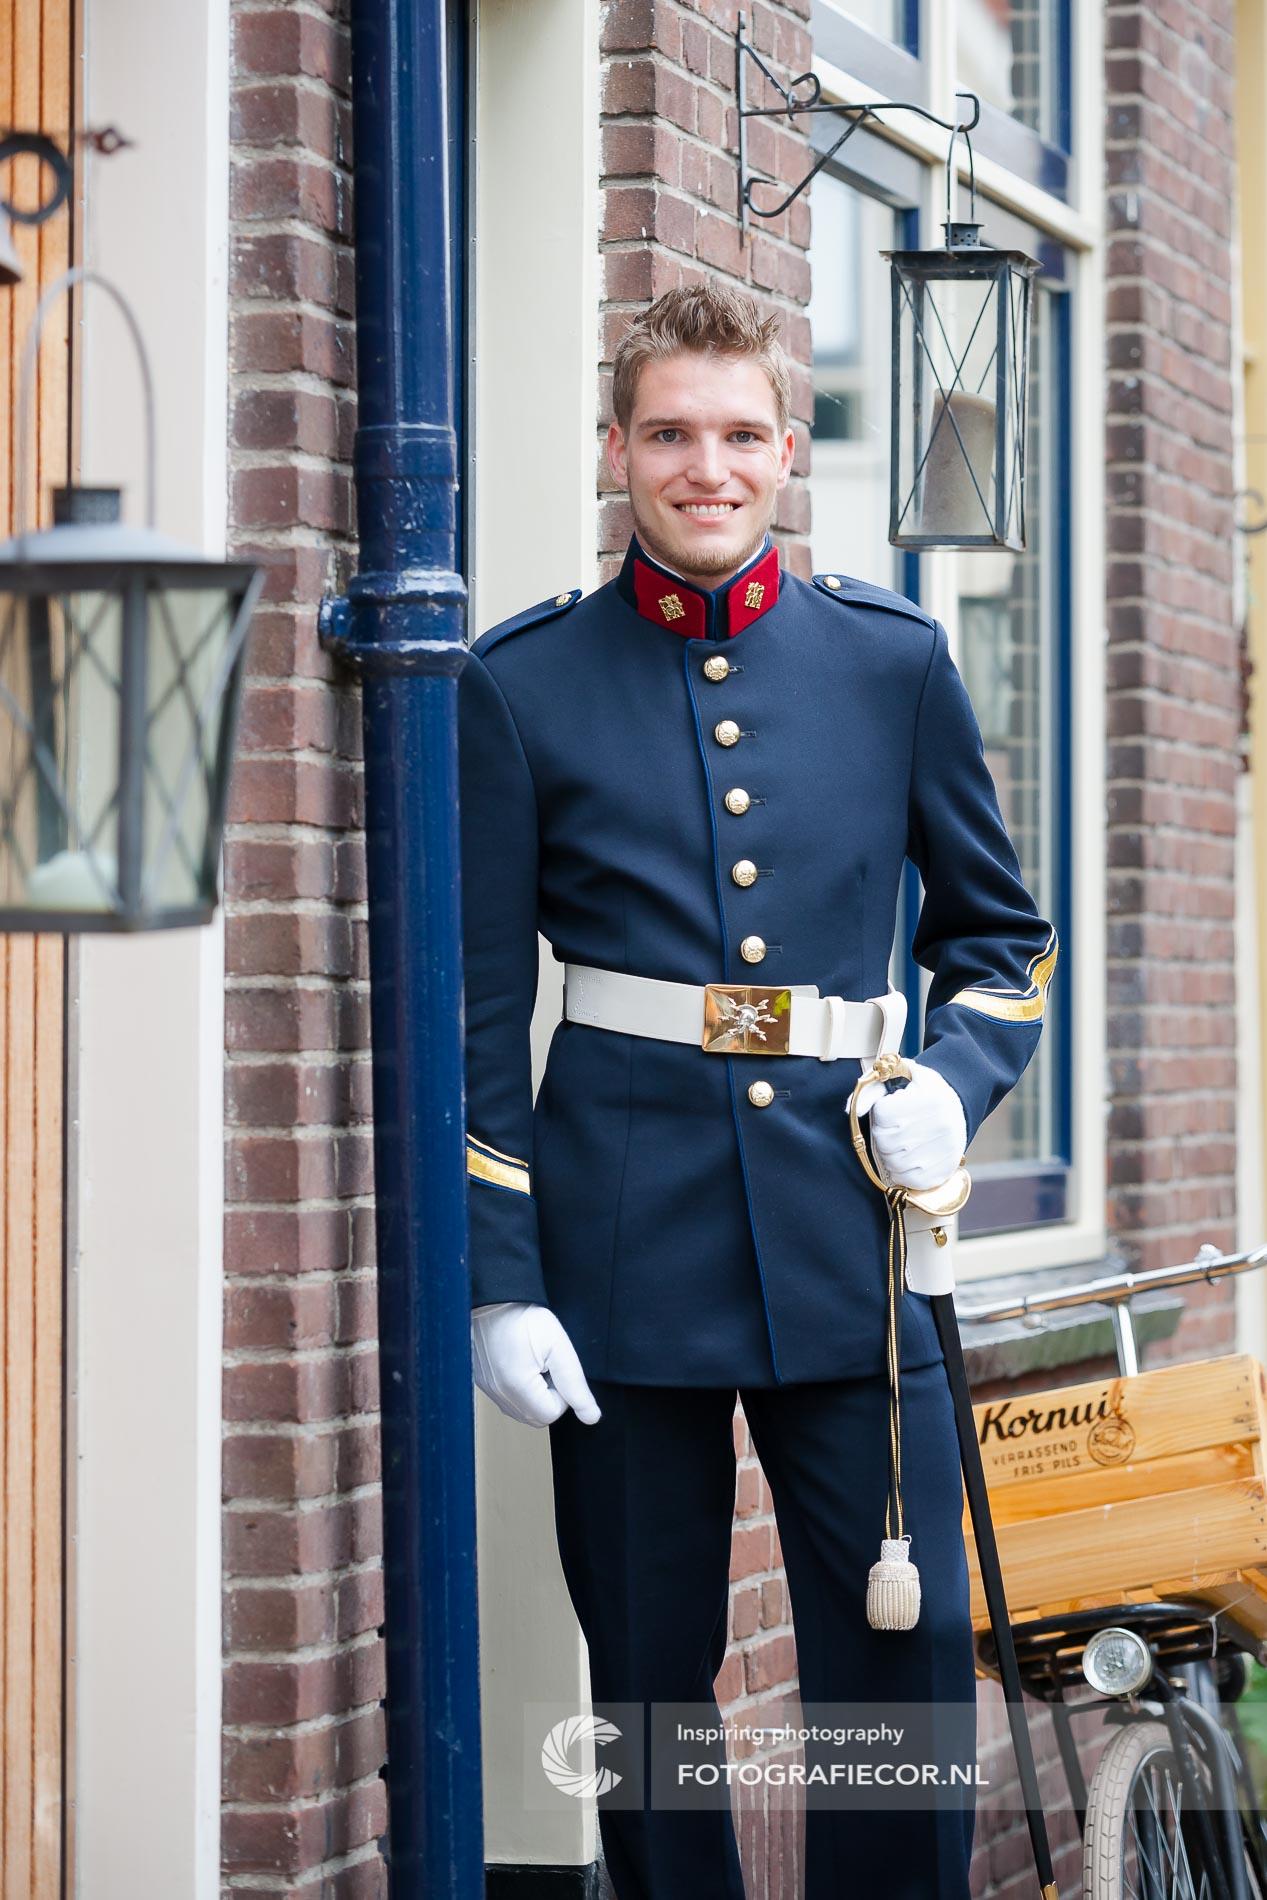 Trouwfotograaf | bruidsfotografie fotoshoot huwelijk | bruidsfotograaf Kampen Zwolle Emmeloord | fotografie voor de mooiste dag